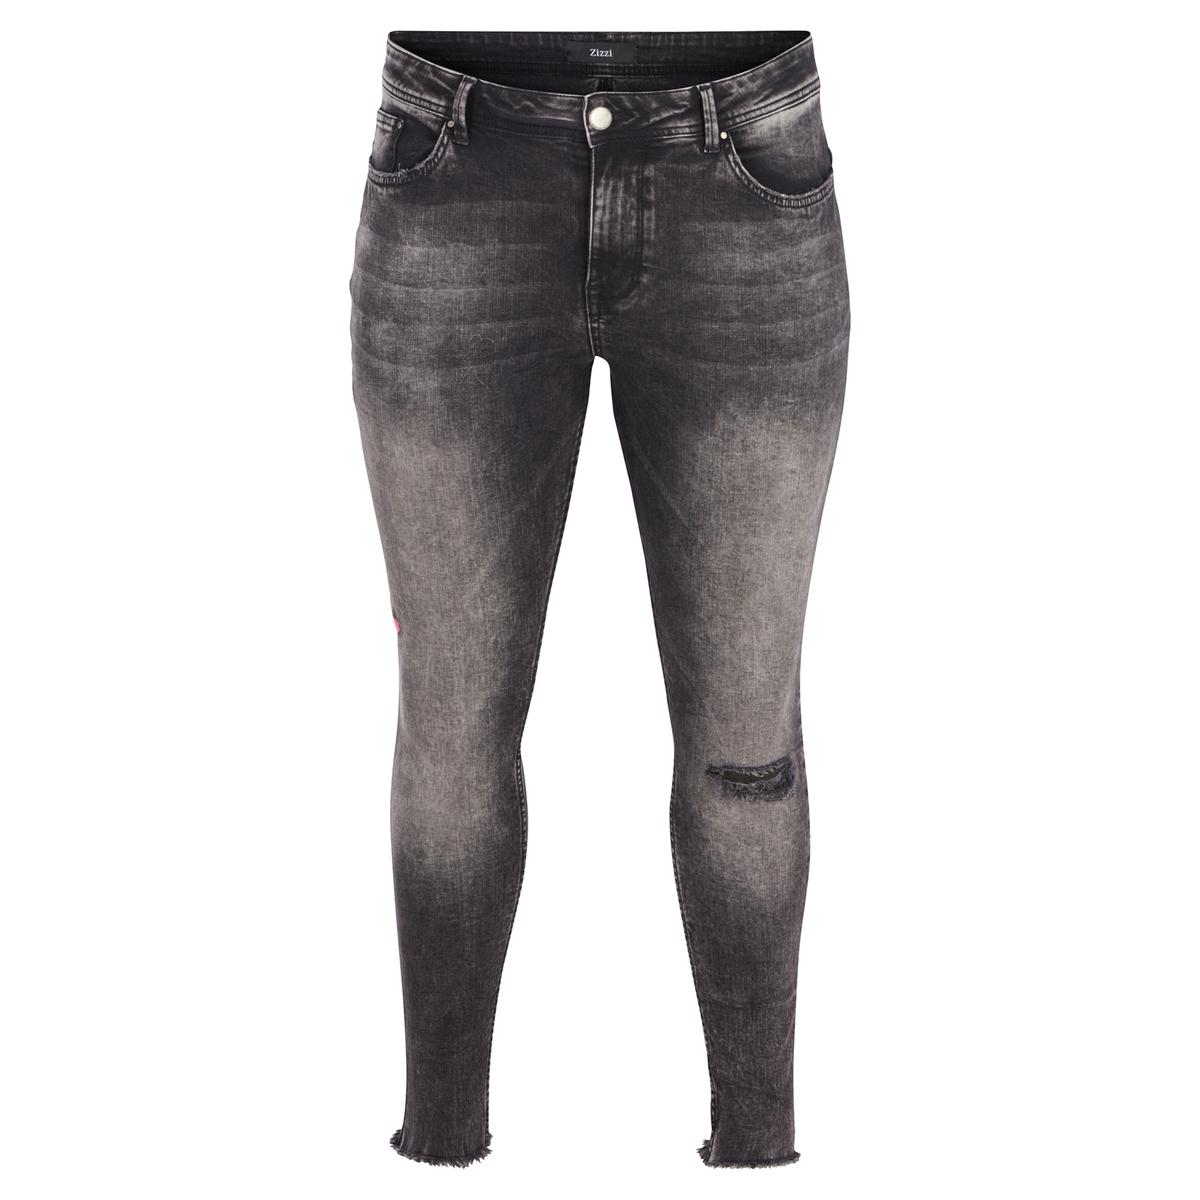 Джинсы покроя суперскинниОписание:Очень узкие джинсы с модными деталями.Детали •  Суперскинни •  Стандартная высота поясаСостав и уход •  85% хлопка, 9% других волокон, 6% эластана •  Следуйте рекомендациям по уходу, указанным на этикетке изделияТовар из коллекции больших размеров<br><br>Цвет: черный потертый<br>Размер: 48 (FR) - 54 (RUS).46 (FR) - 52 (RUS).44 (FR) - 50 (RUS)